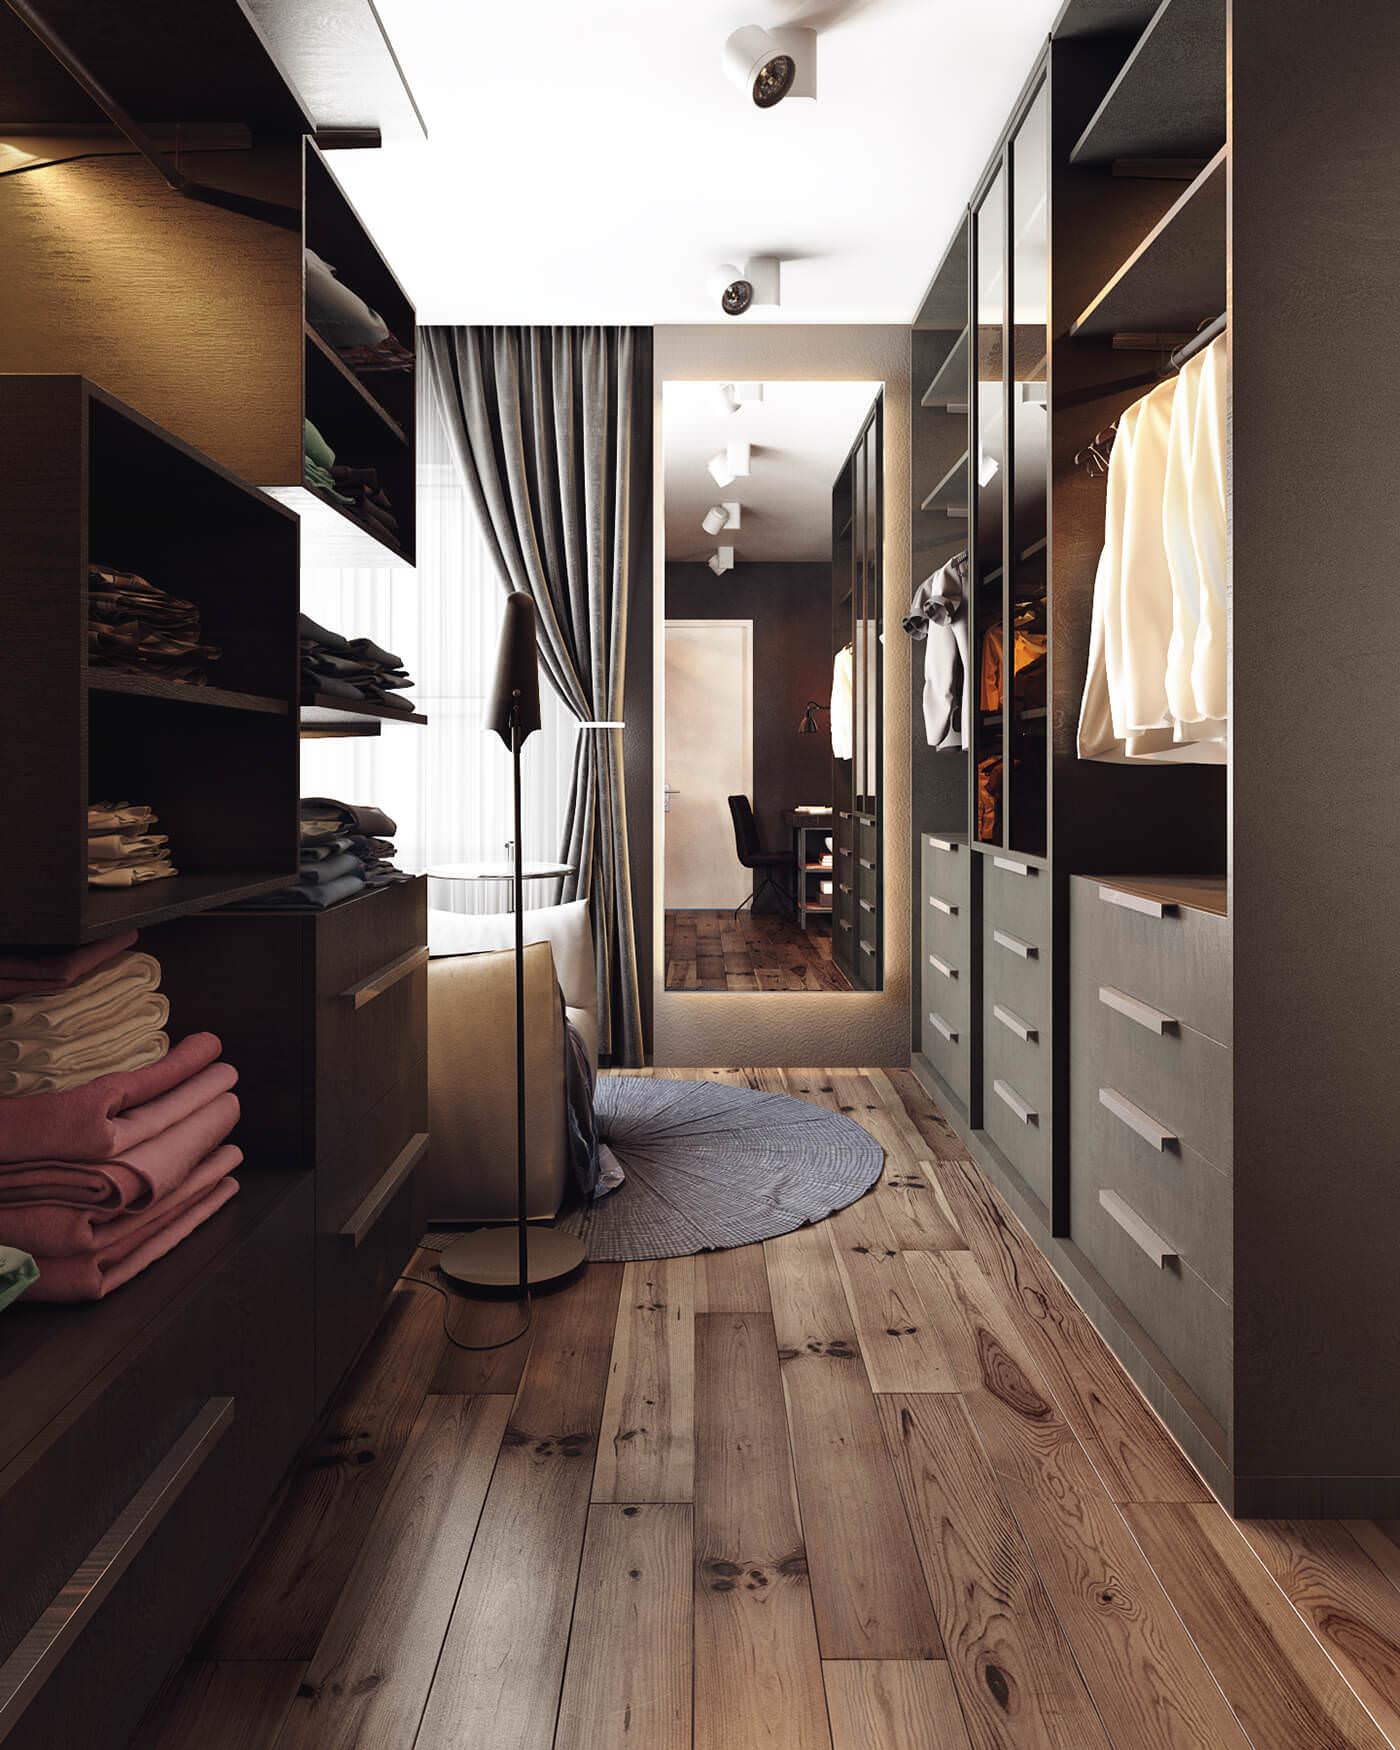 prostoren-apartament-s-eleganten-interior-v-neutralni-tsvetove-9g